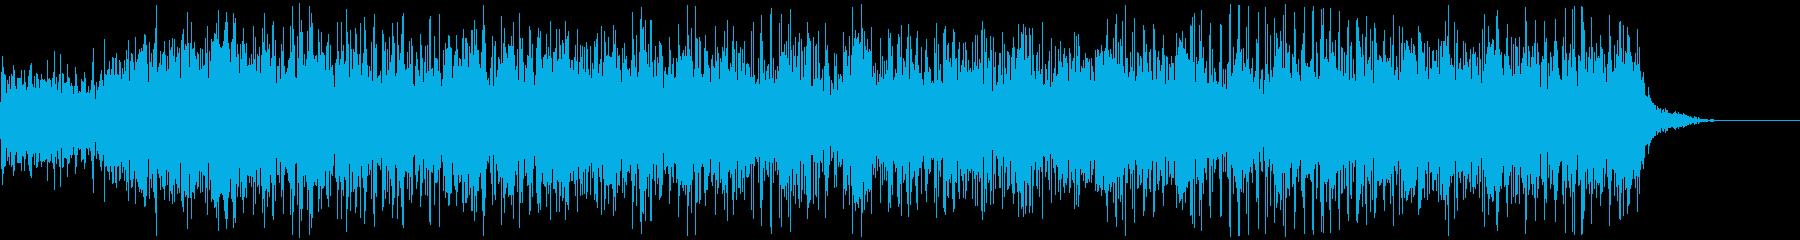 アニメにありそうなガンポッド、マシンガンの再生済みの波形